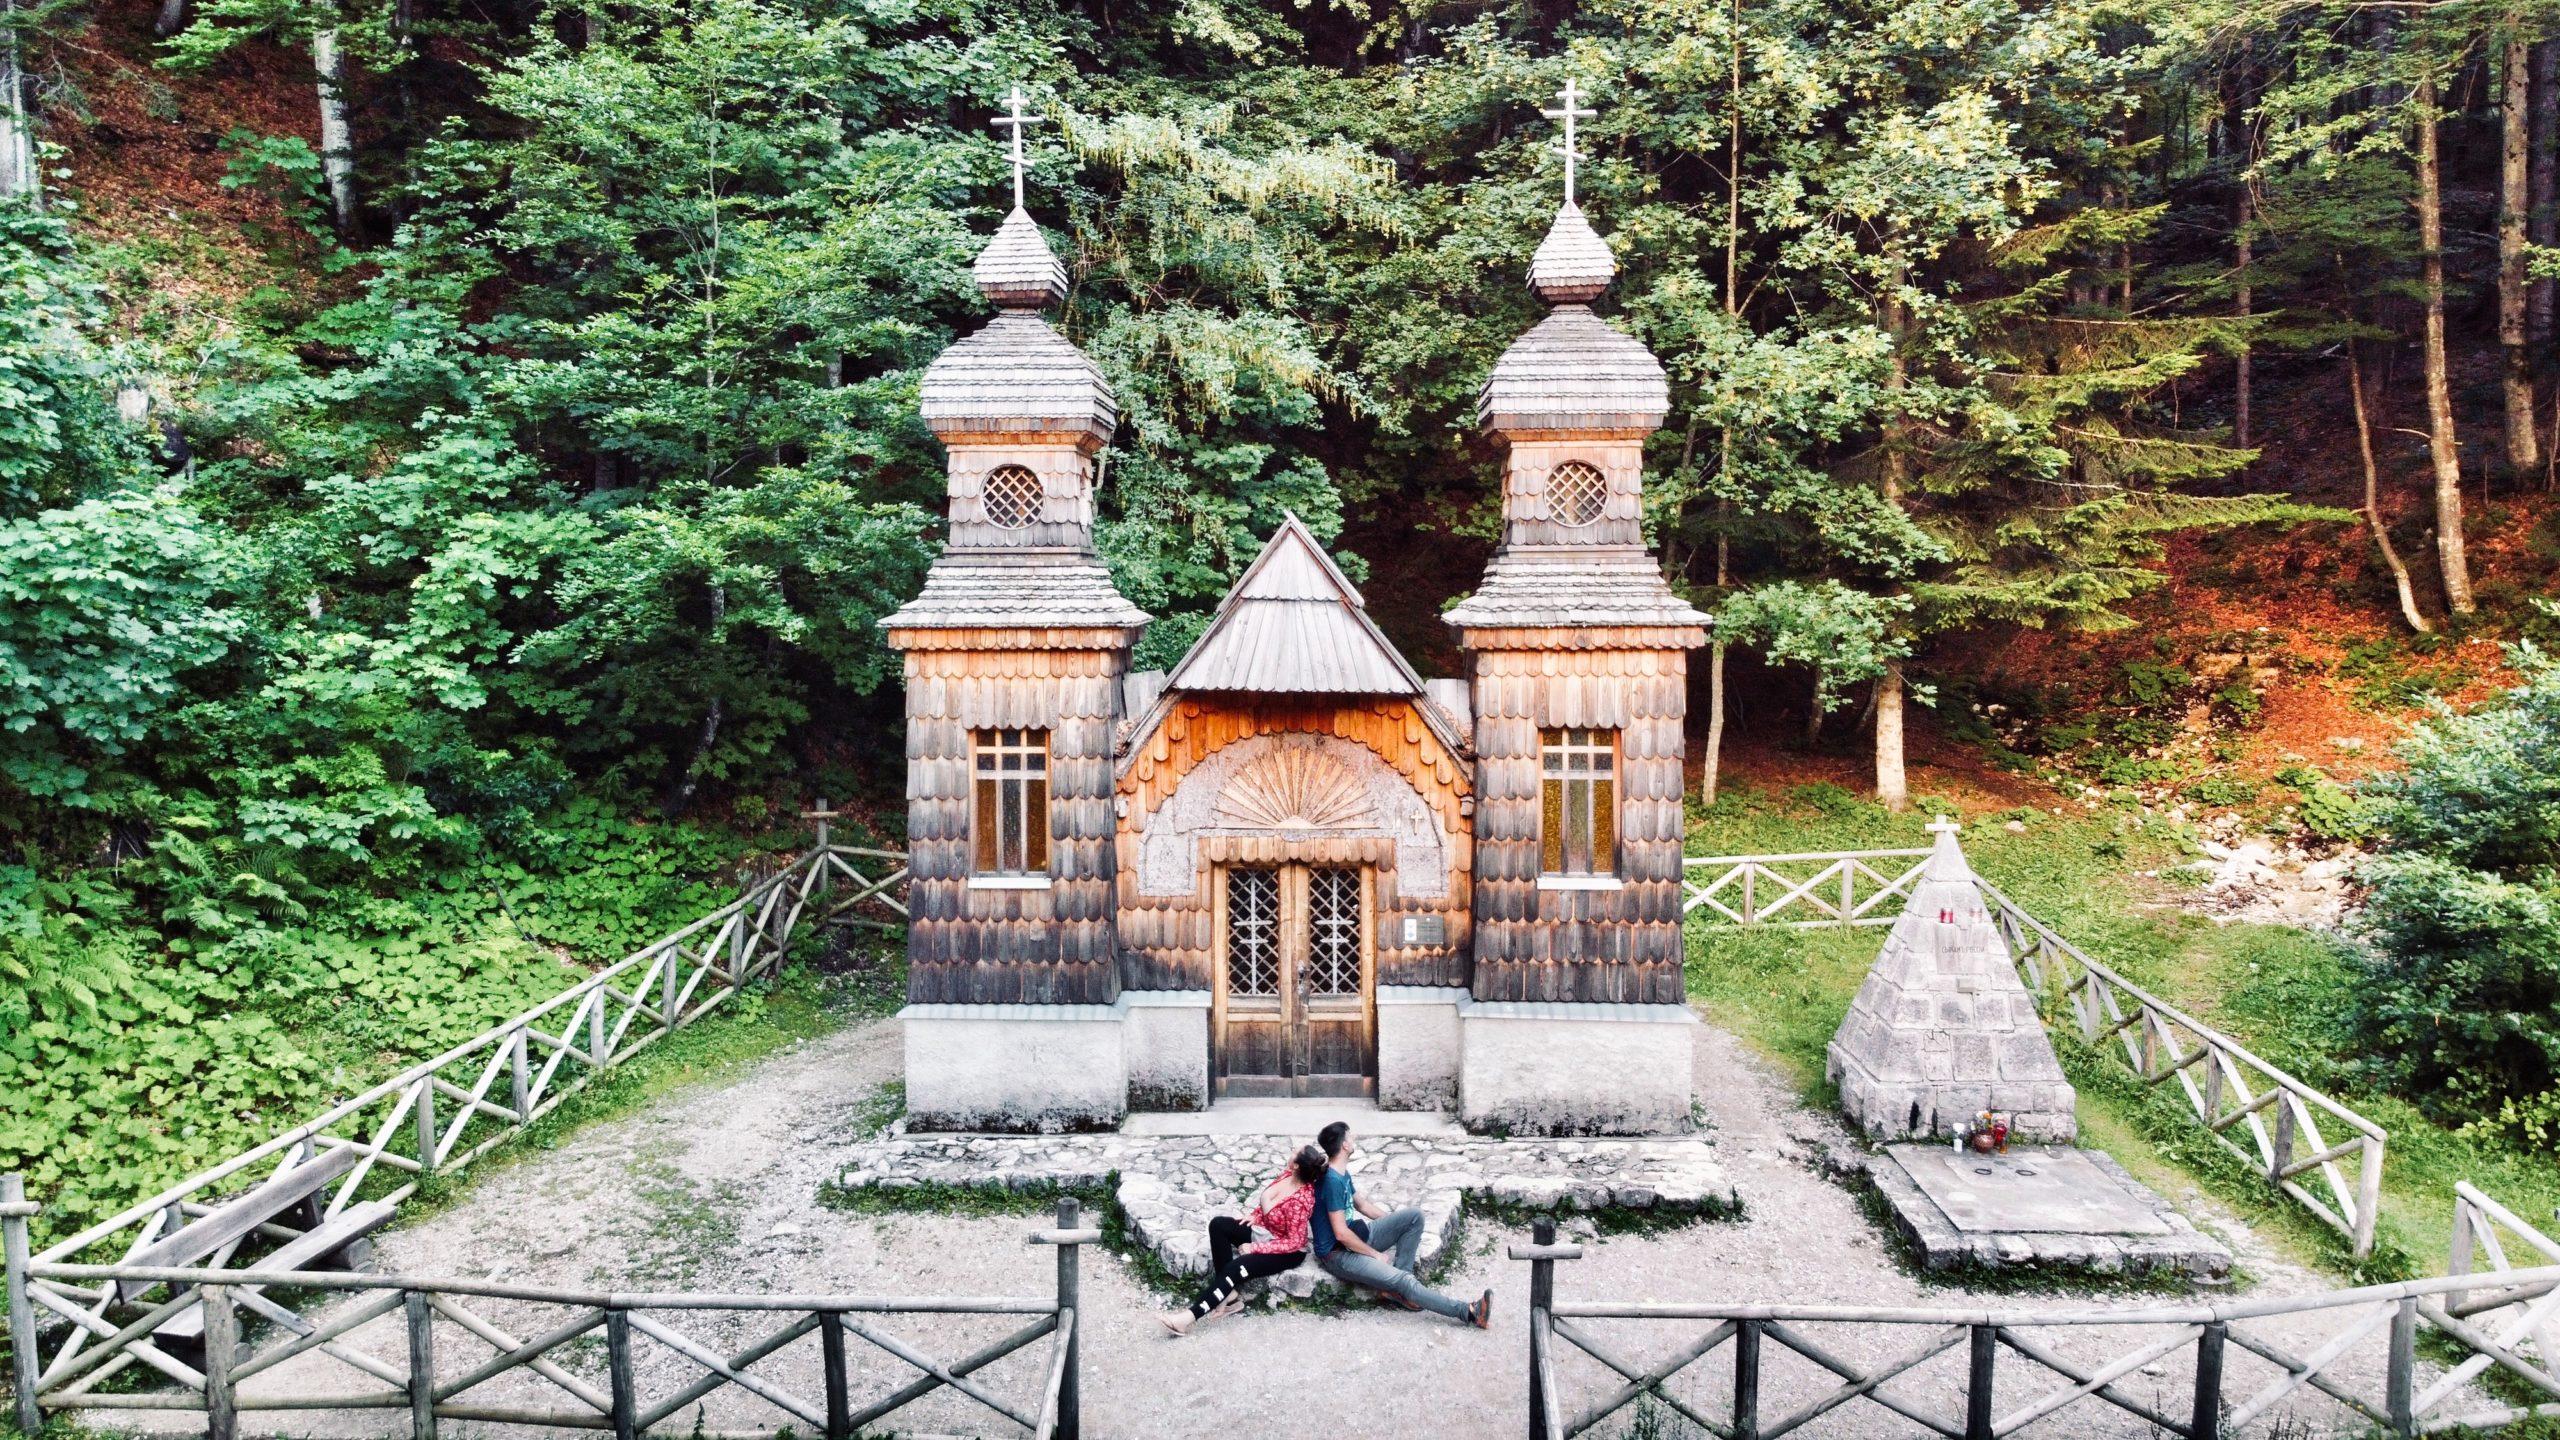 chapelle russe vrsic russian chapel ruska kapelica